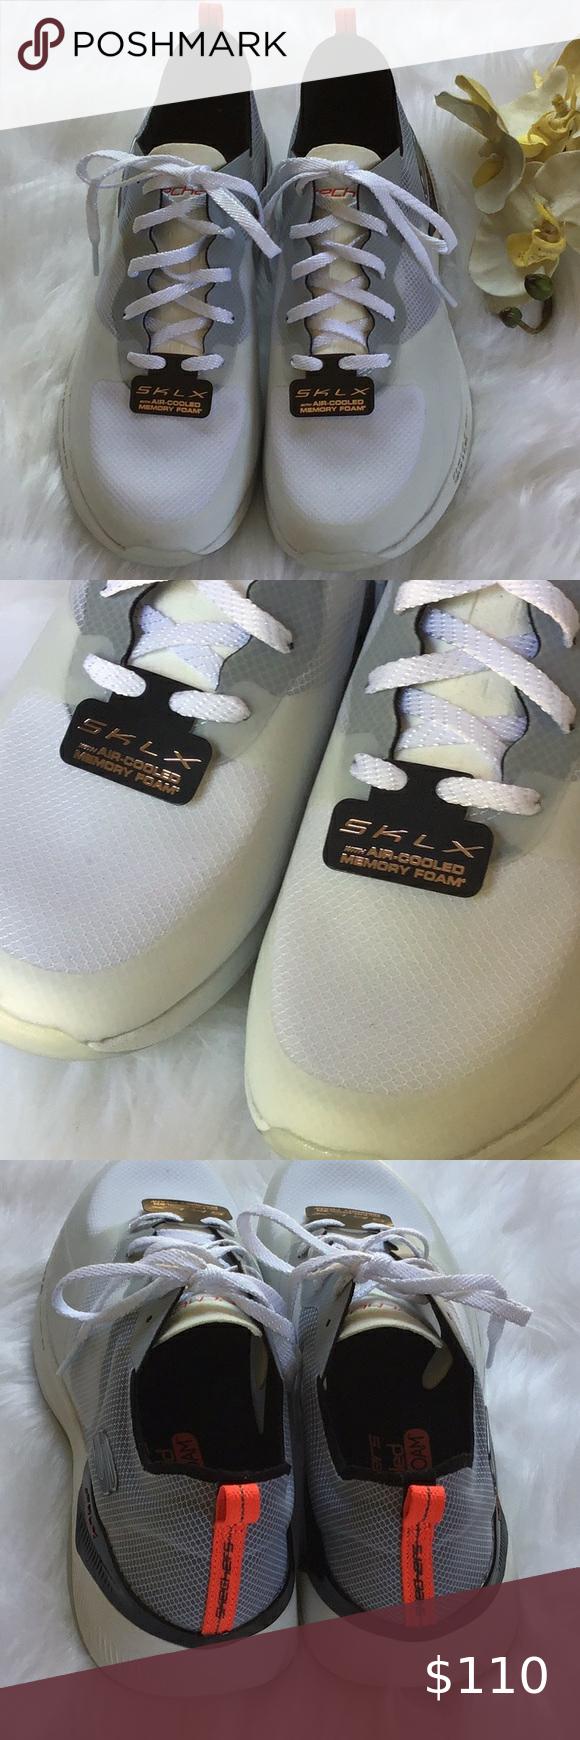 SKECHERS LUXURY FOOTWEAR IN SIZE 8.5